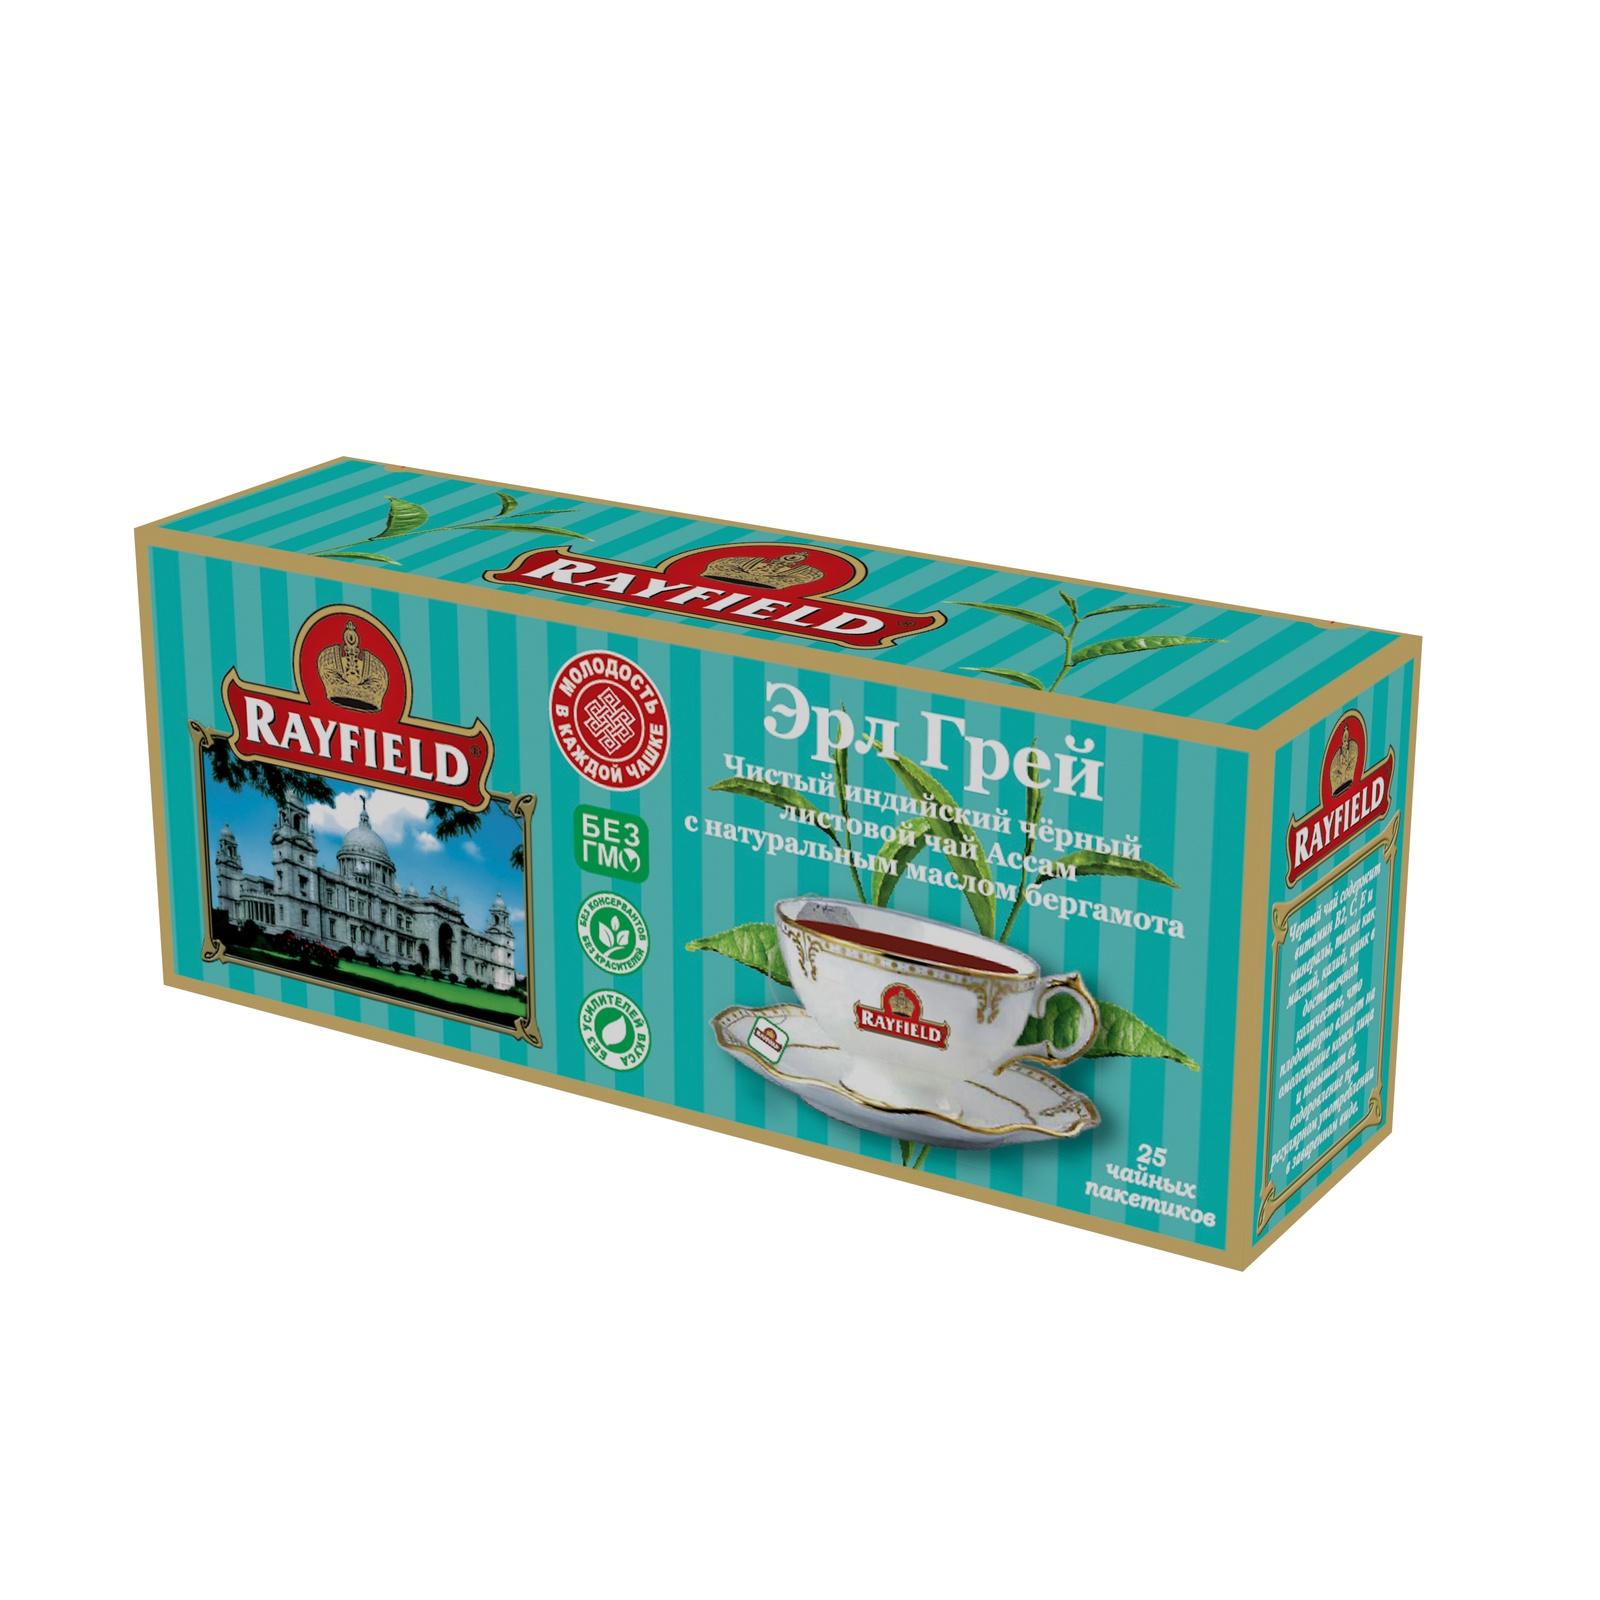 RAYFIELD Листовой Черный Чай Ассам Чистый Индийский Эрл Грей с натуральным маслом бергамотом 25 пакетиков 50 г